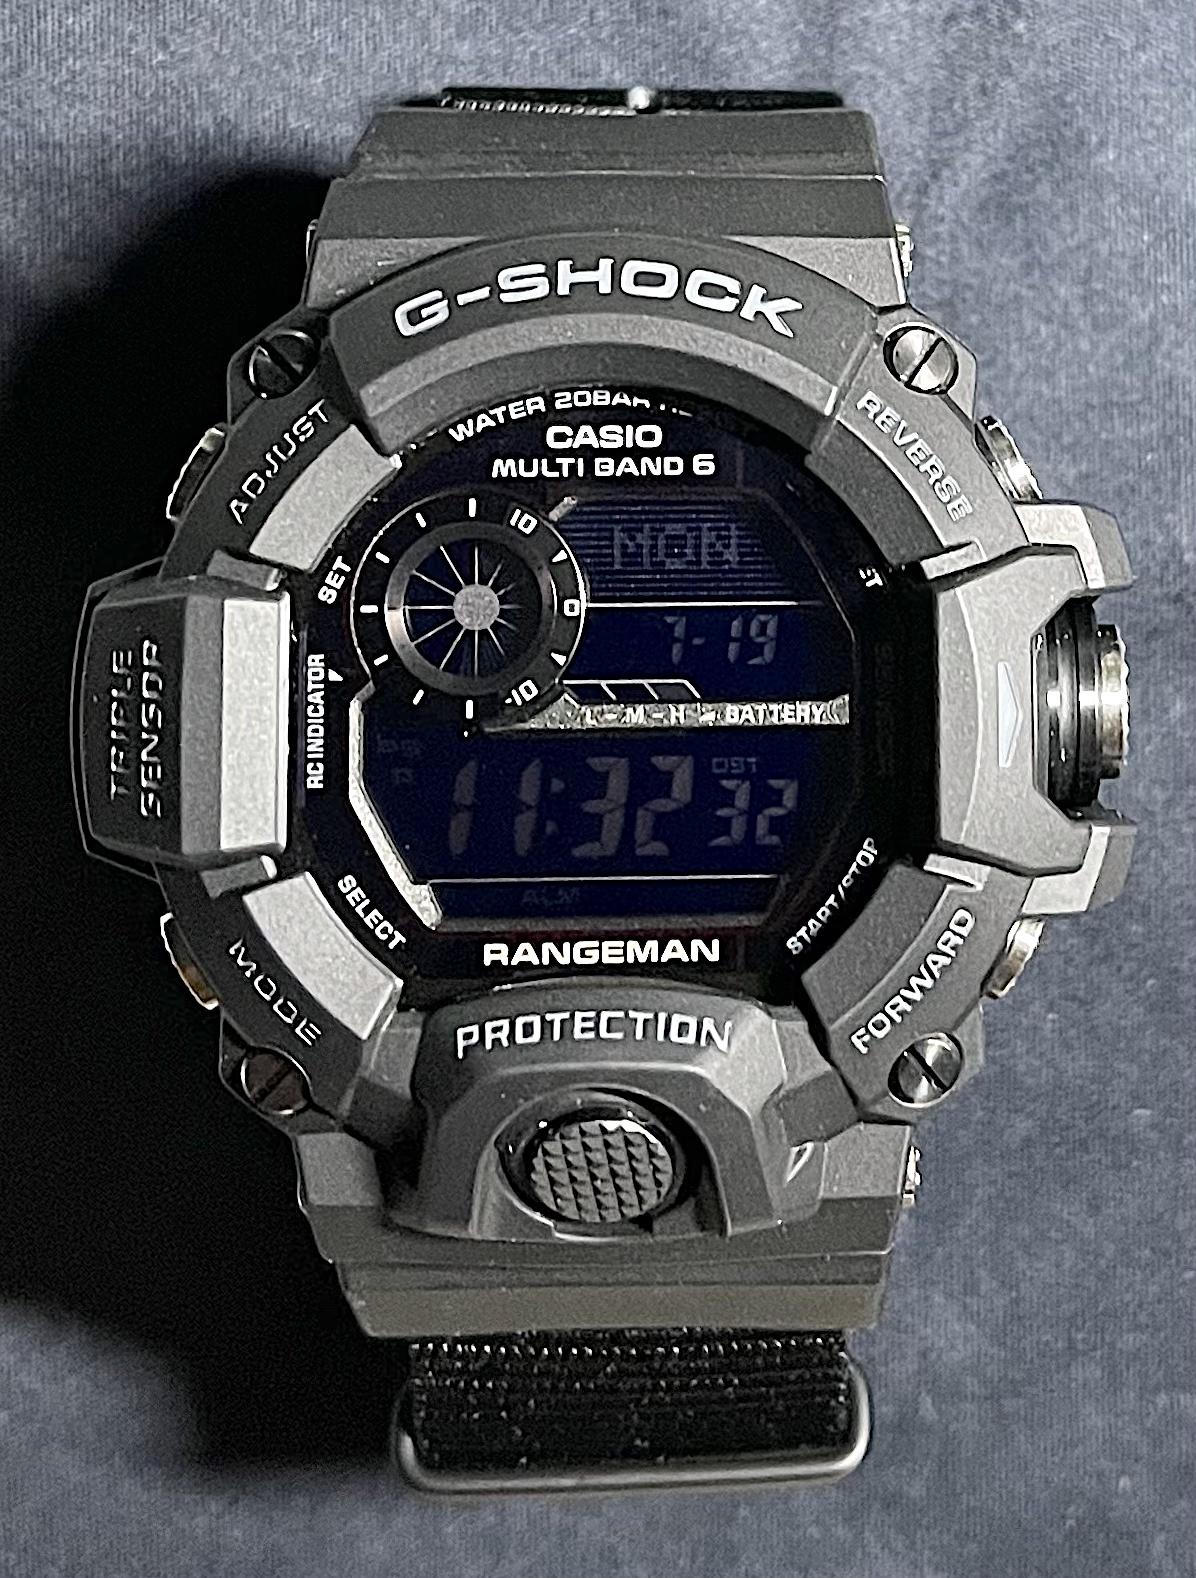 4_CasioRangemanGW9400-1B_Front.jpg